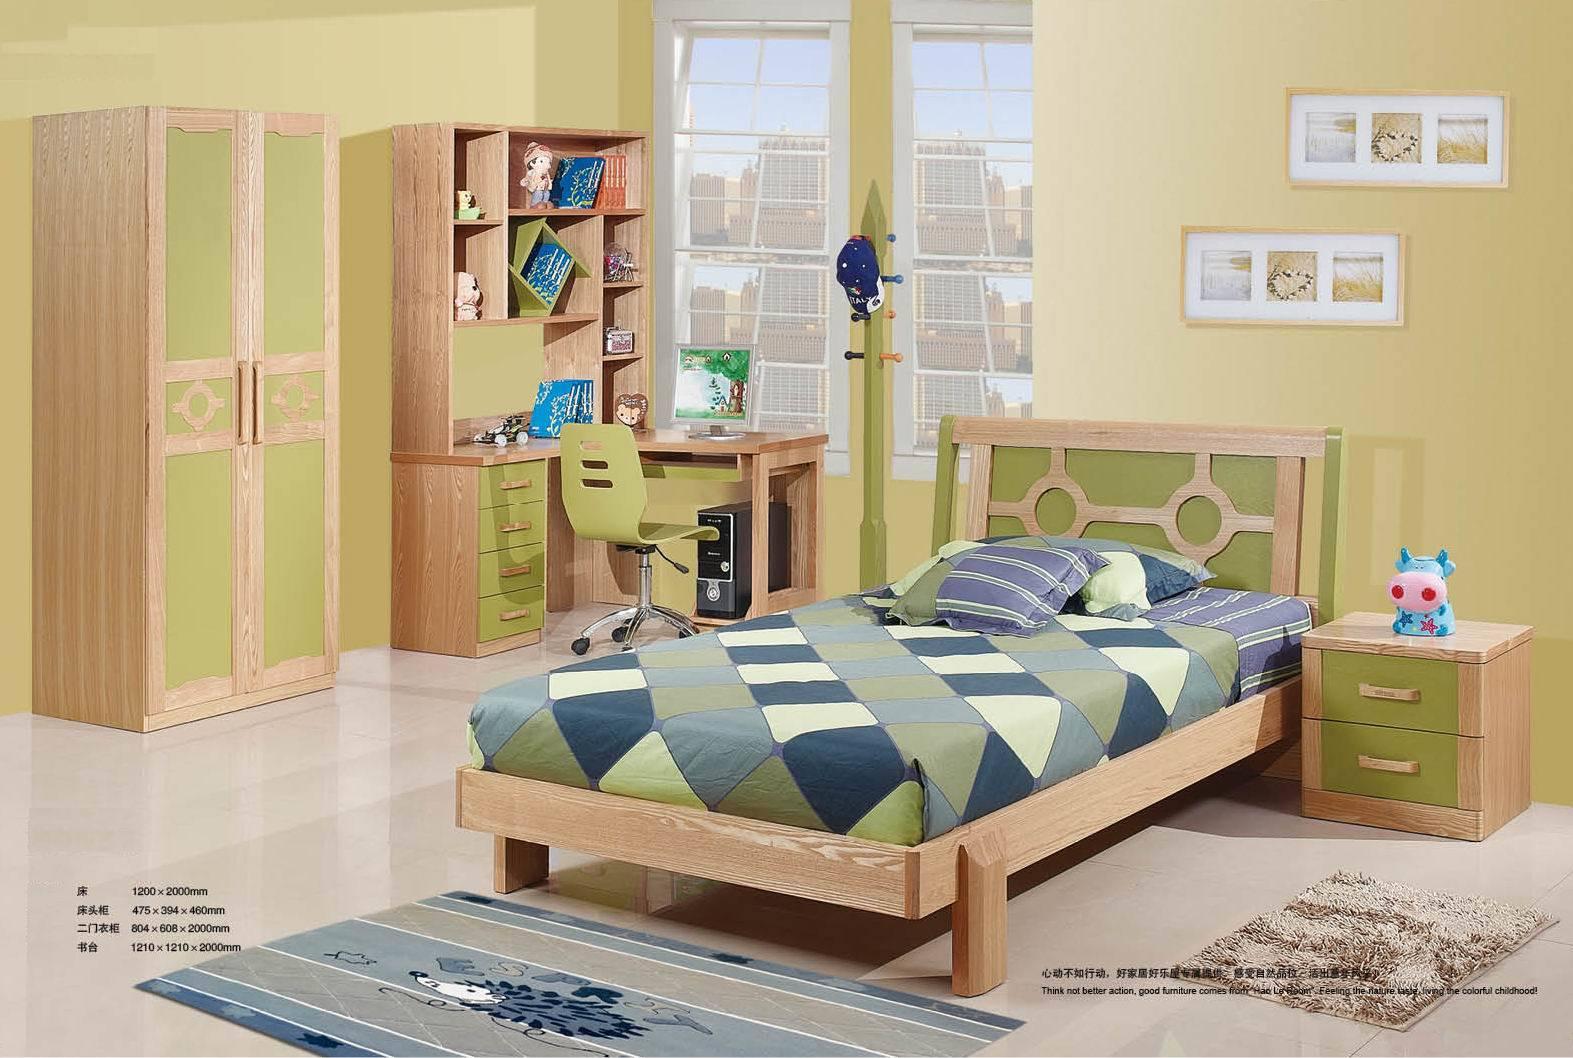 Ensemble de chambre coucher d 39 enfants jkd 20030 - Ensemble chambre a coucher ...